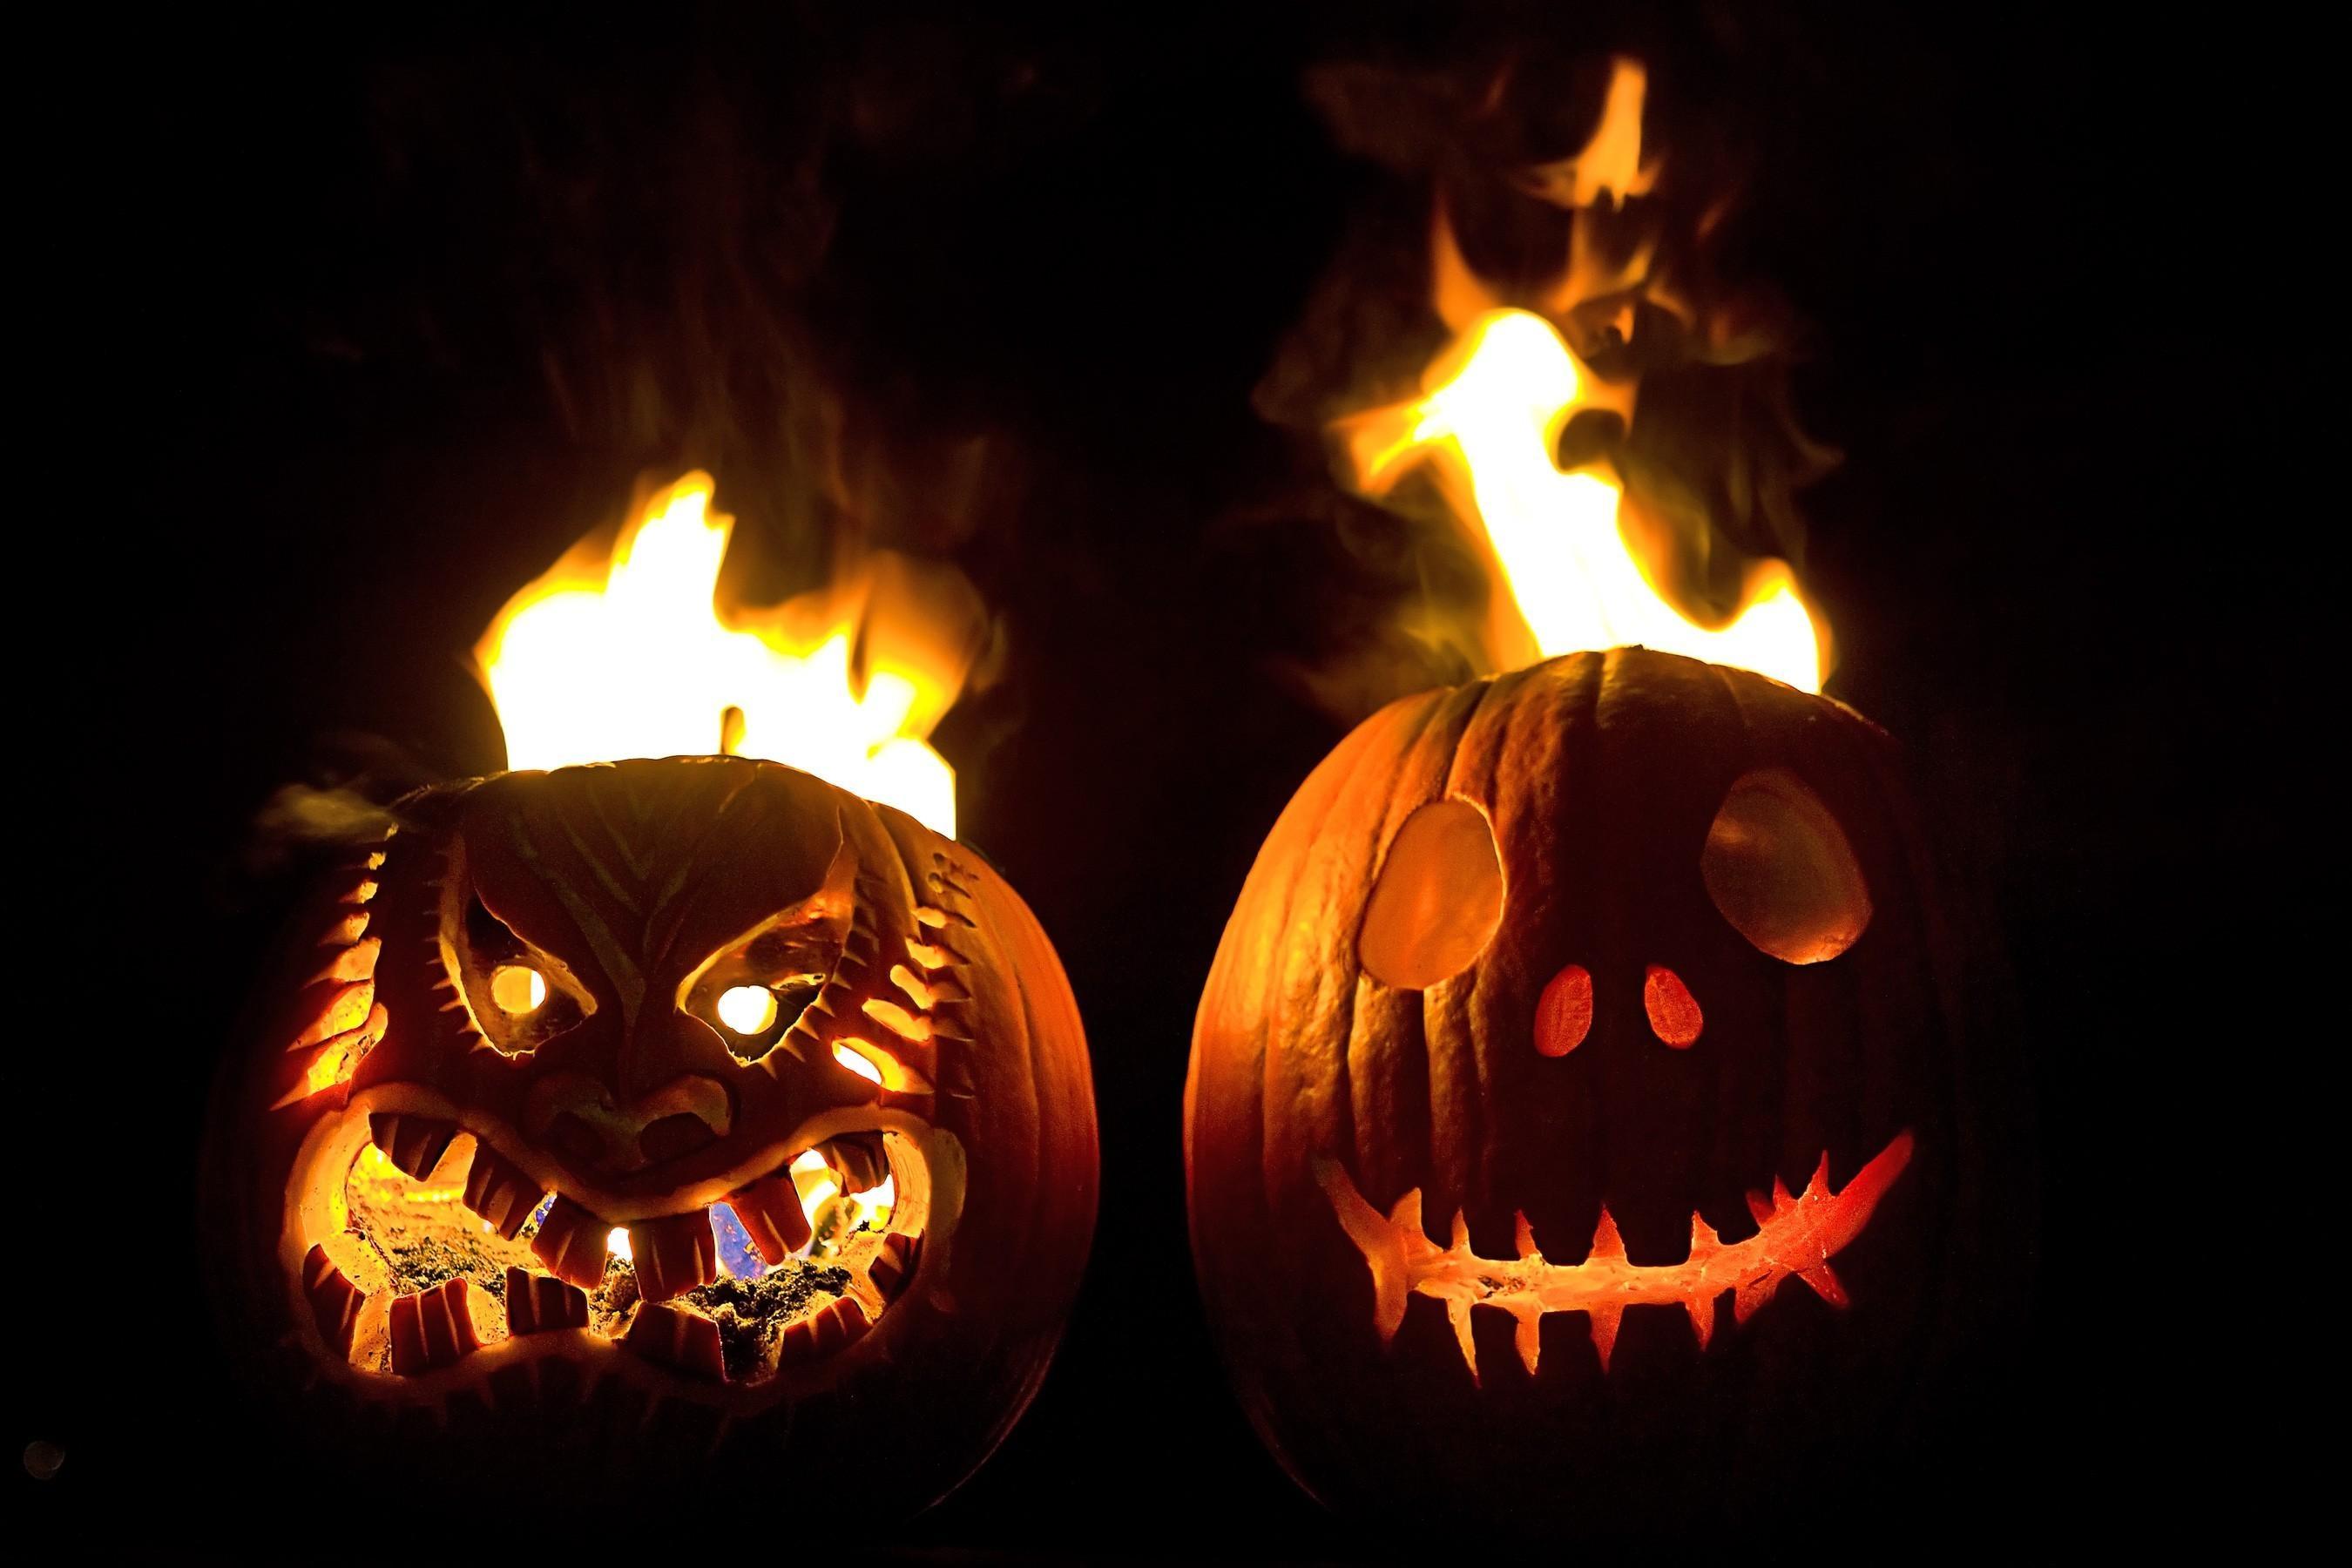 wallpaper : black background, halloween, pumpkin, fire, holiday